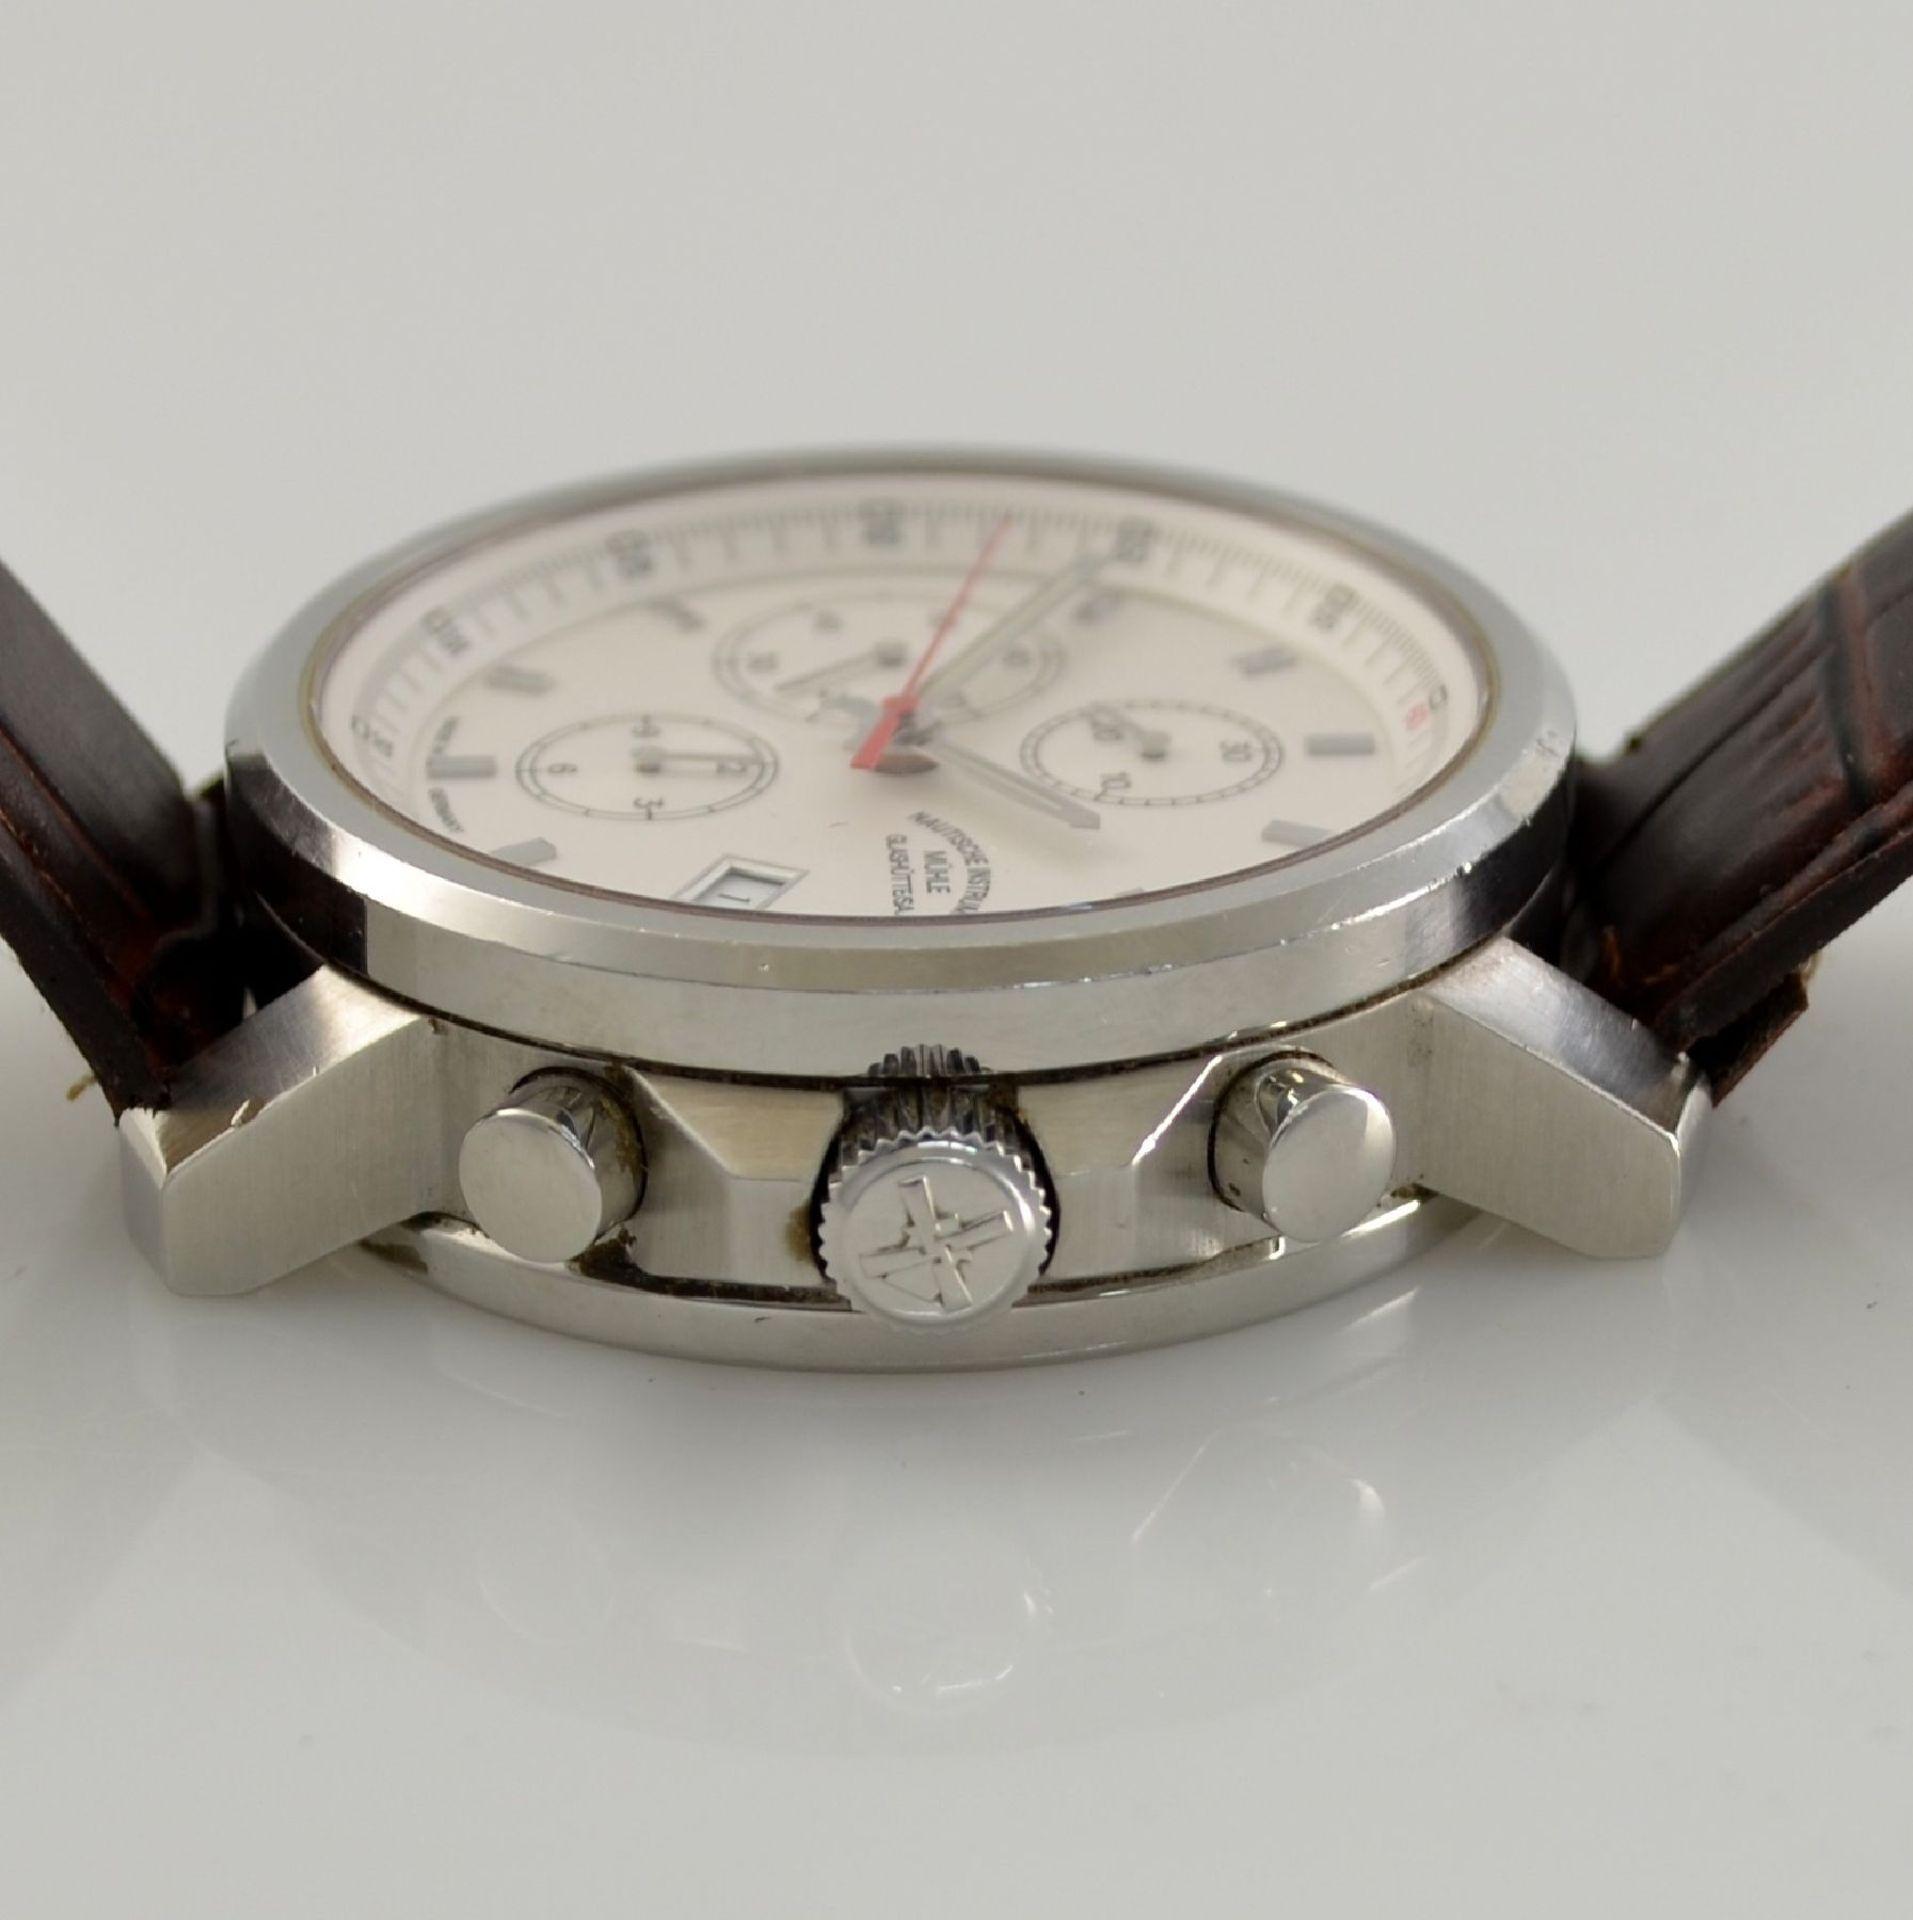 MÜHLE Glashütte/SA Nautische Instrumente Herrenarmbanduhr 29ER Chronograph in Stahl, Deutschland - Bild 4 aus 6